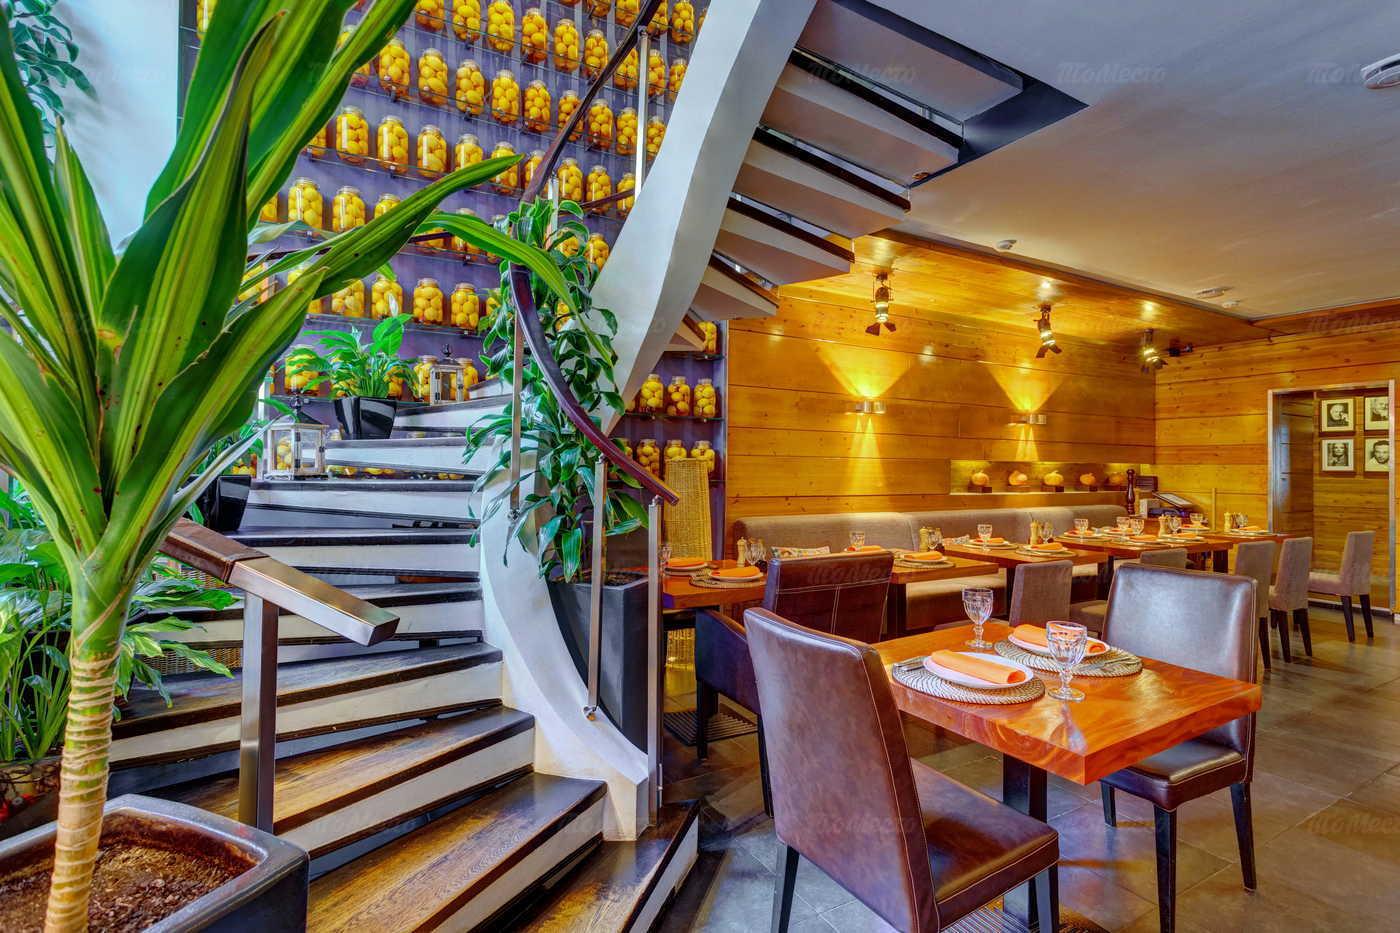 Ресторан Барашка (Бараshка) на Петровке